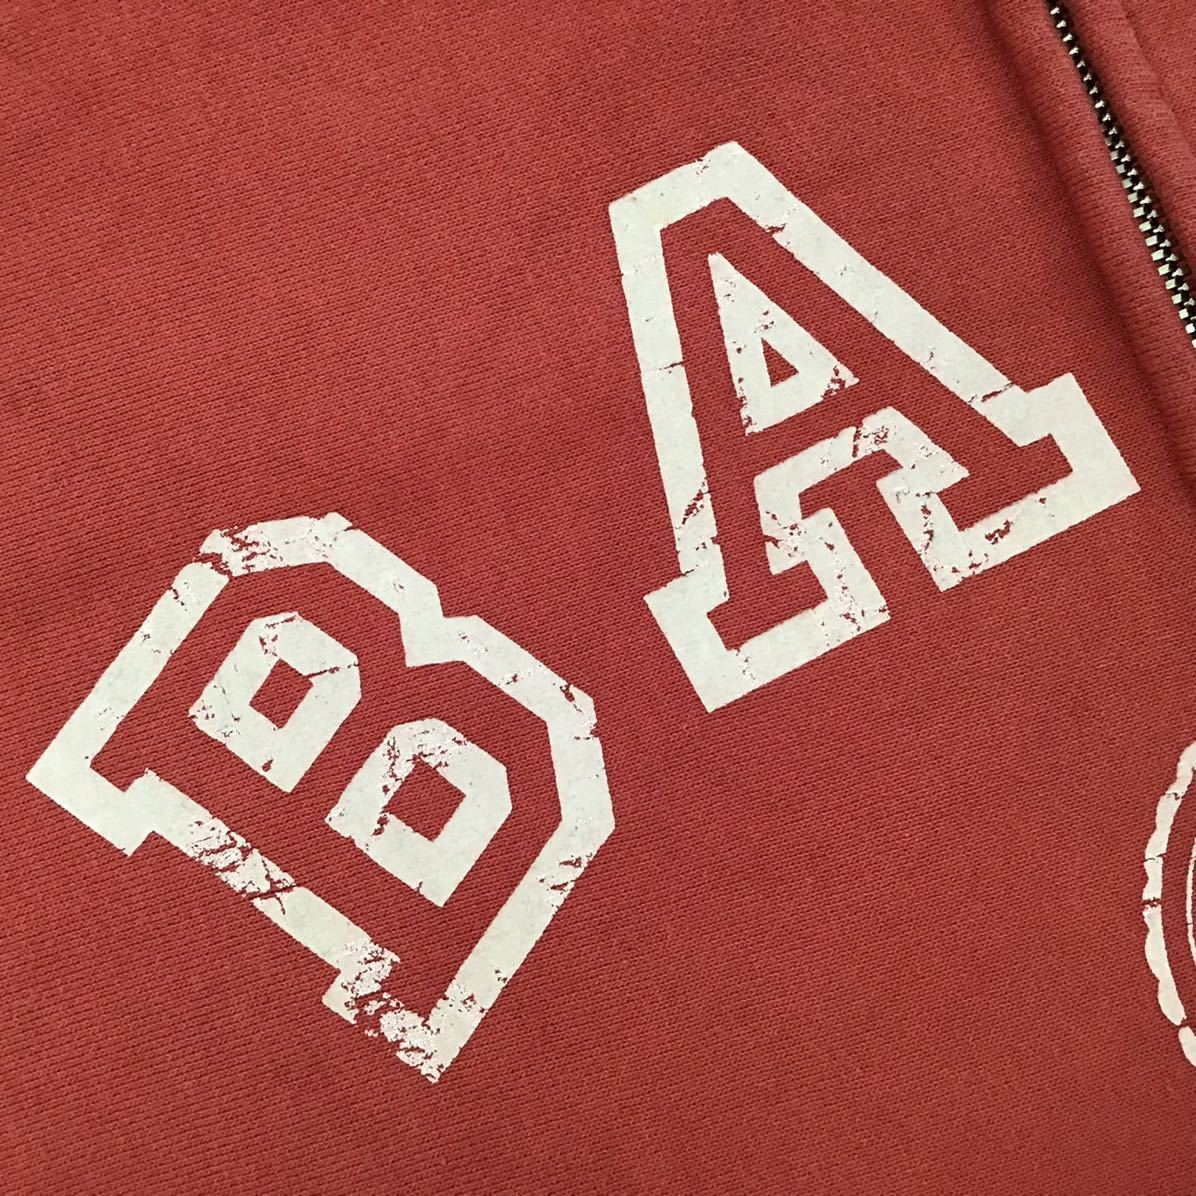 ★初期★ BAPE LOGO ジップ パーカー Sサイズ a bathing ape zip hoodie エイプ ベイプ アベイシングエイプ vintage NIGO 8jf